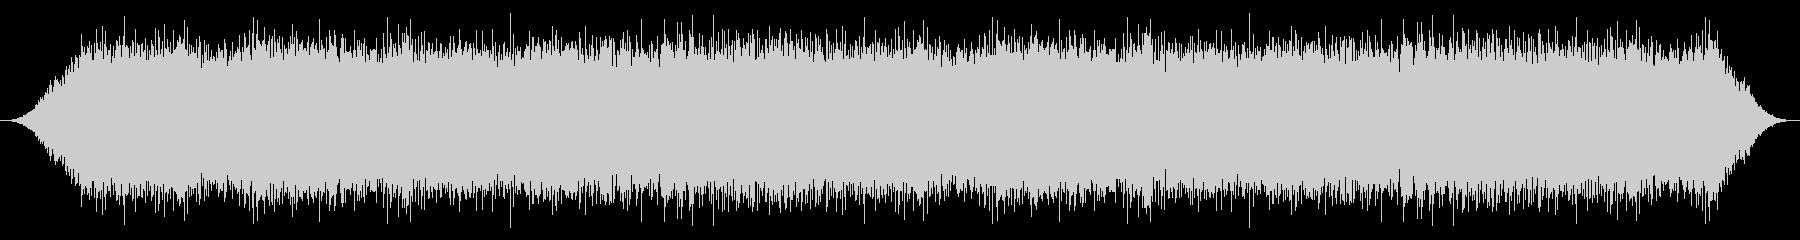 PC 駆動音03-05(ロング)の未再生の波形